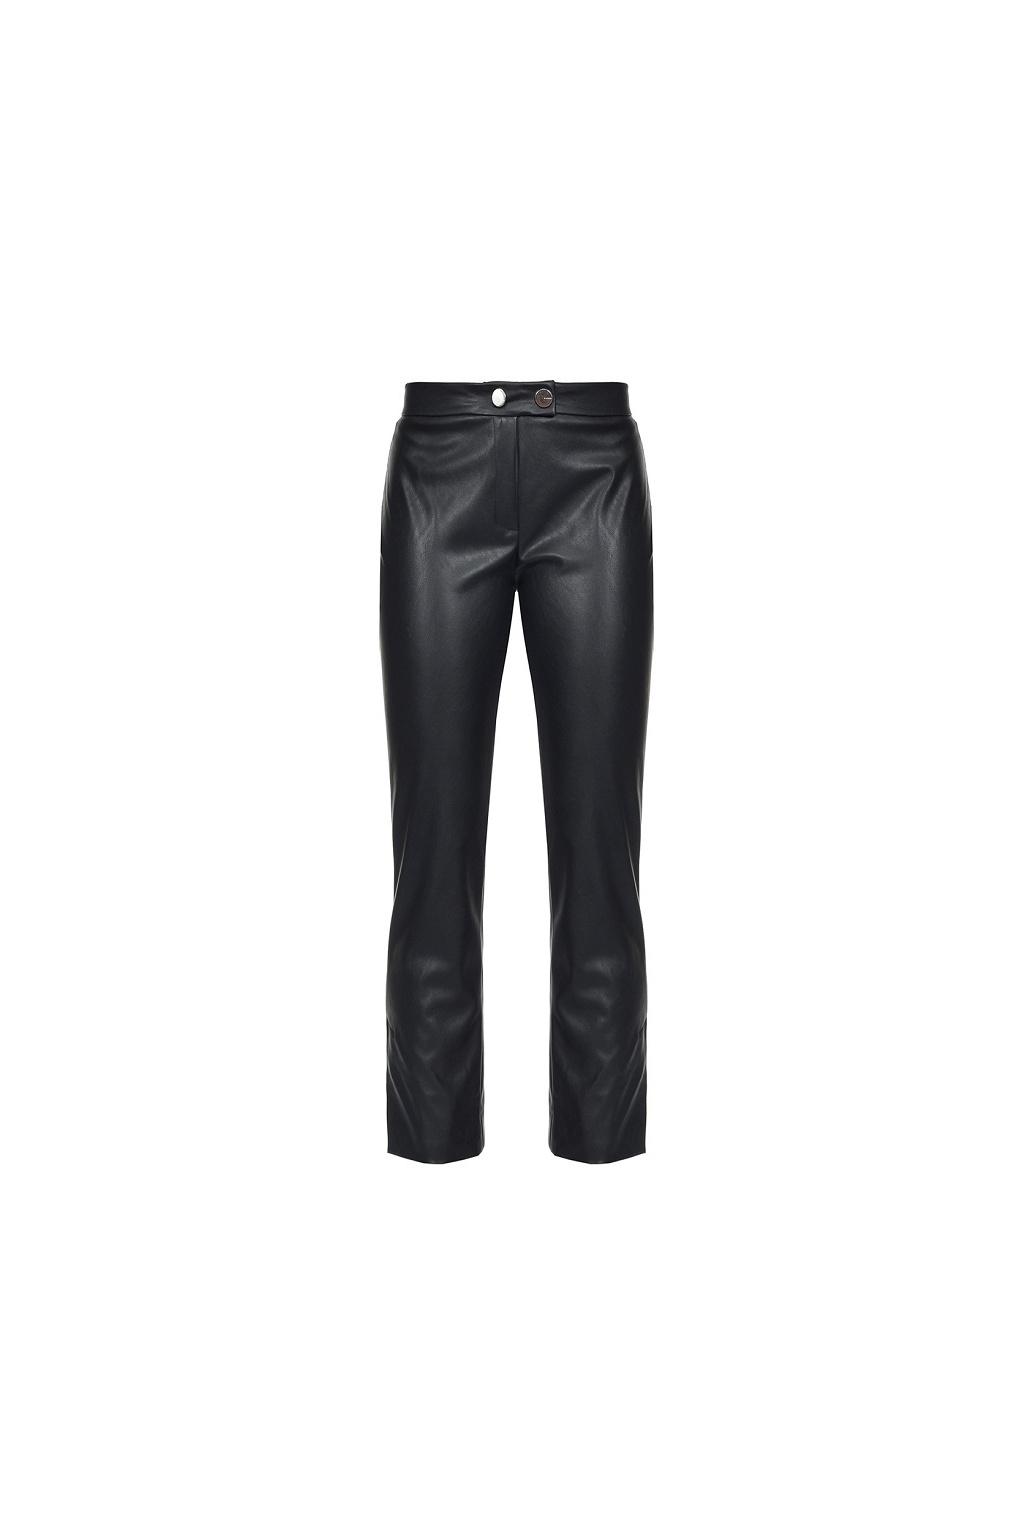 1G14R47105 Z99 Dámské Pinko kalhoty Torrone černé